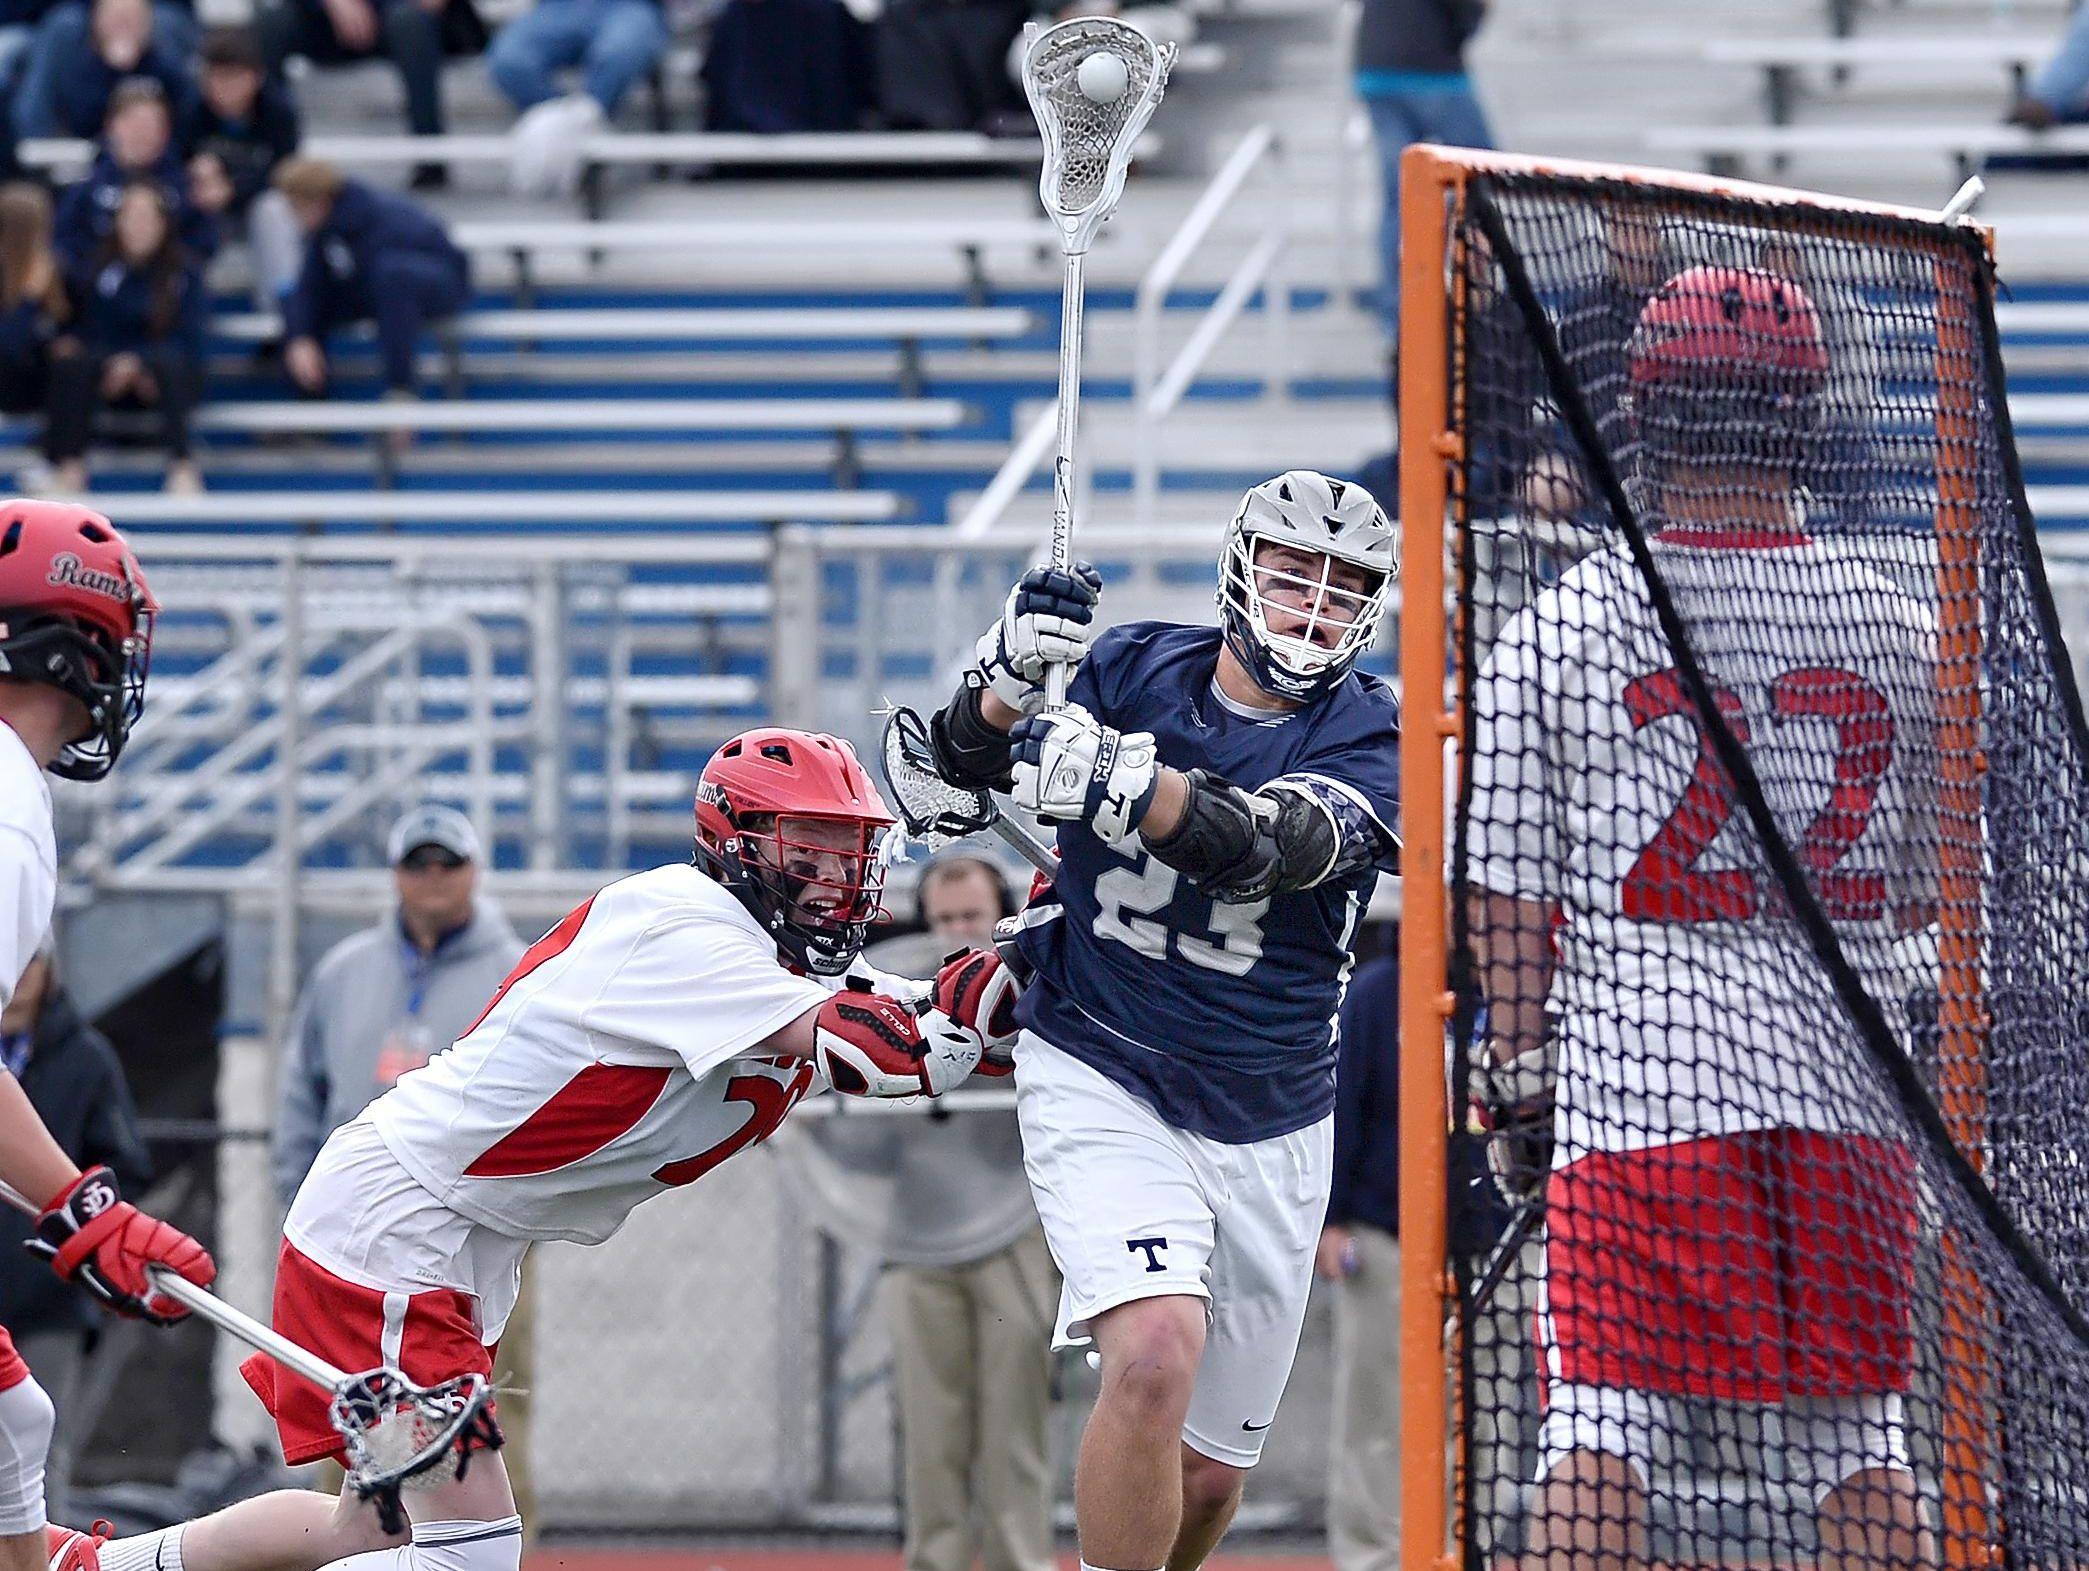 Webster Thomas' Pierce Currie, center, shoots at the Jamesville-Dewitt goal.